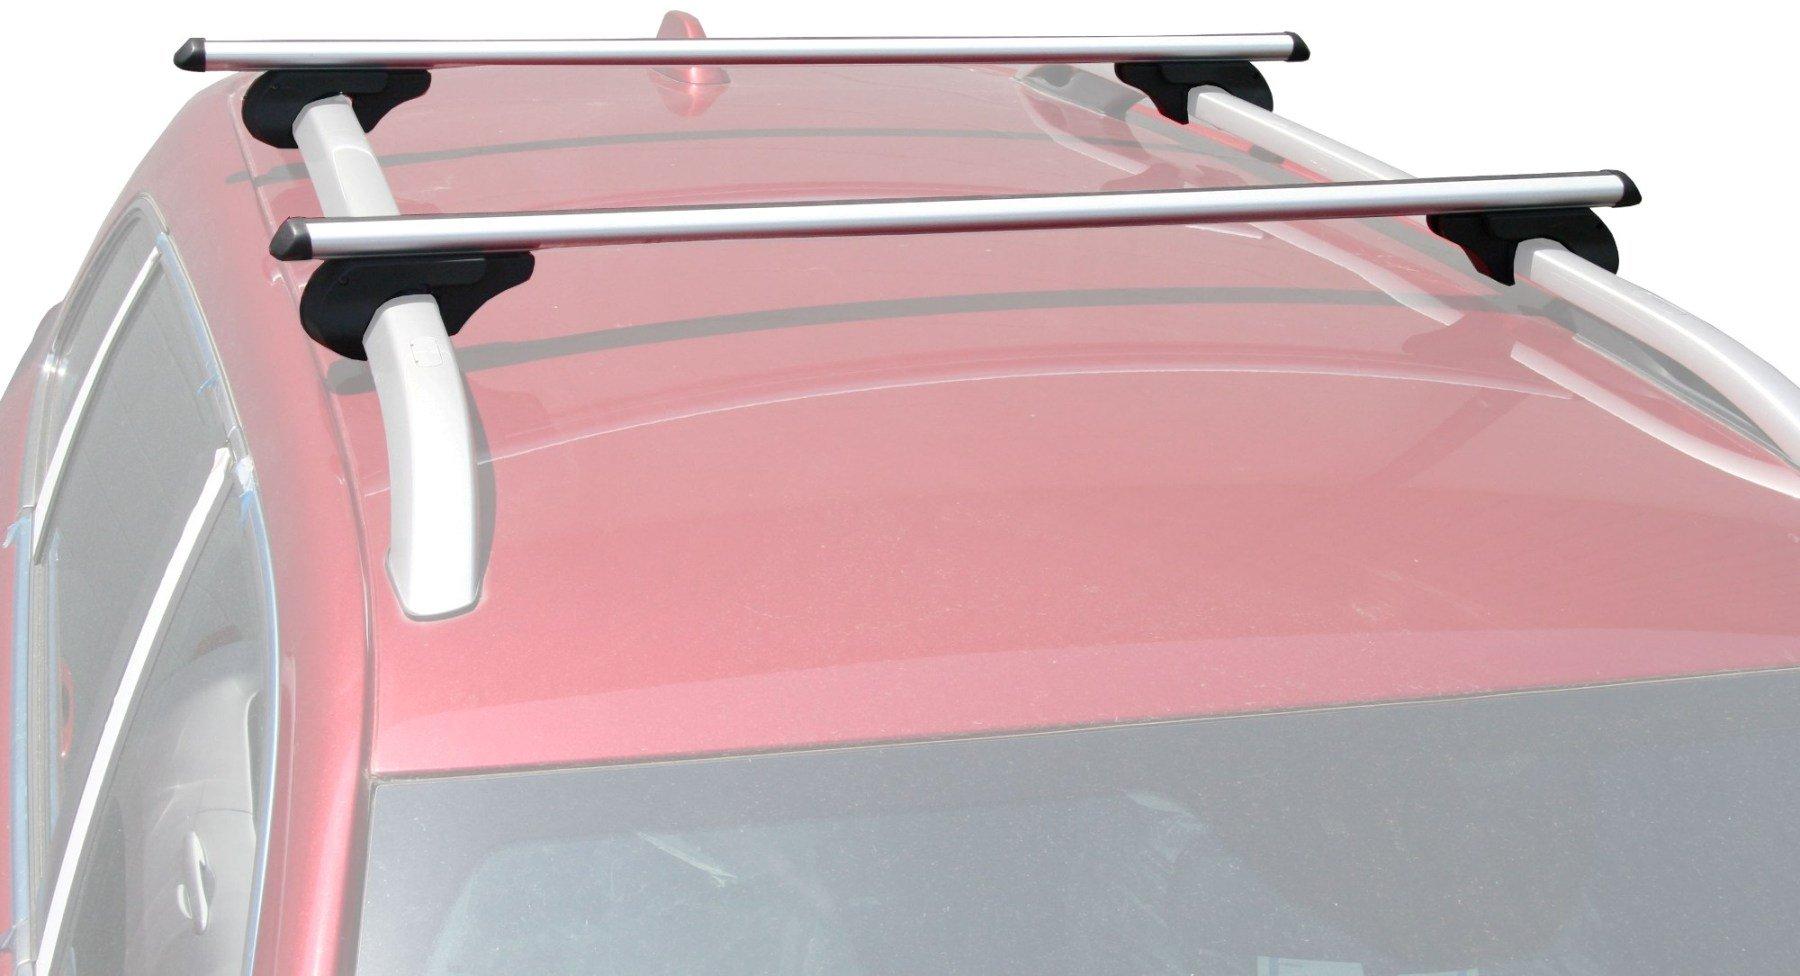 BRIGHTLINES 2013-2017 Toyota Rav4 Cross Bars Roof Bars Roof Racks Luggage Racks